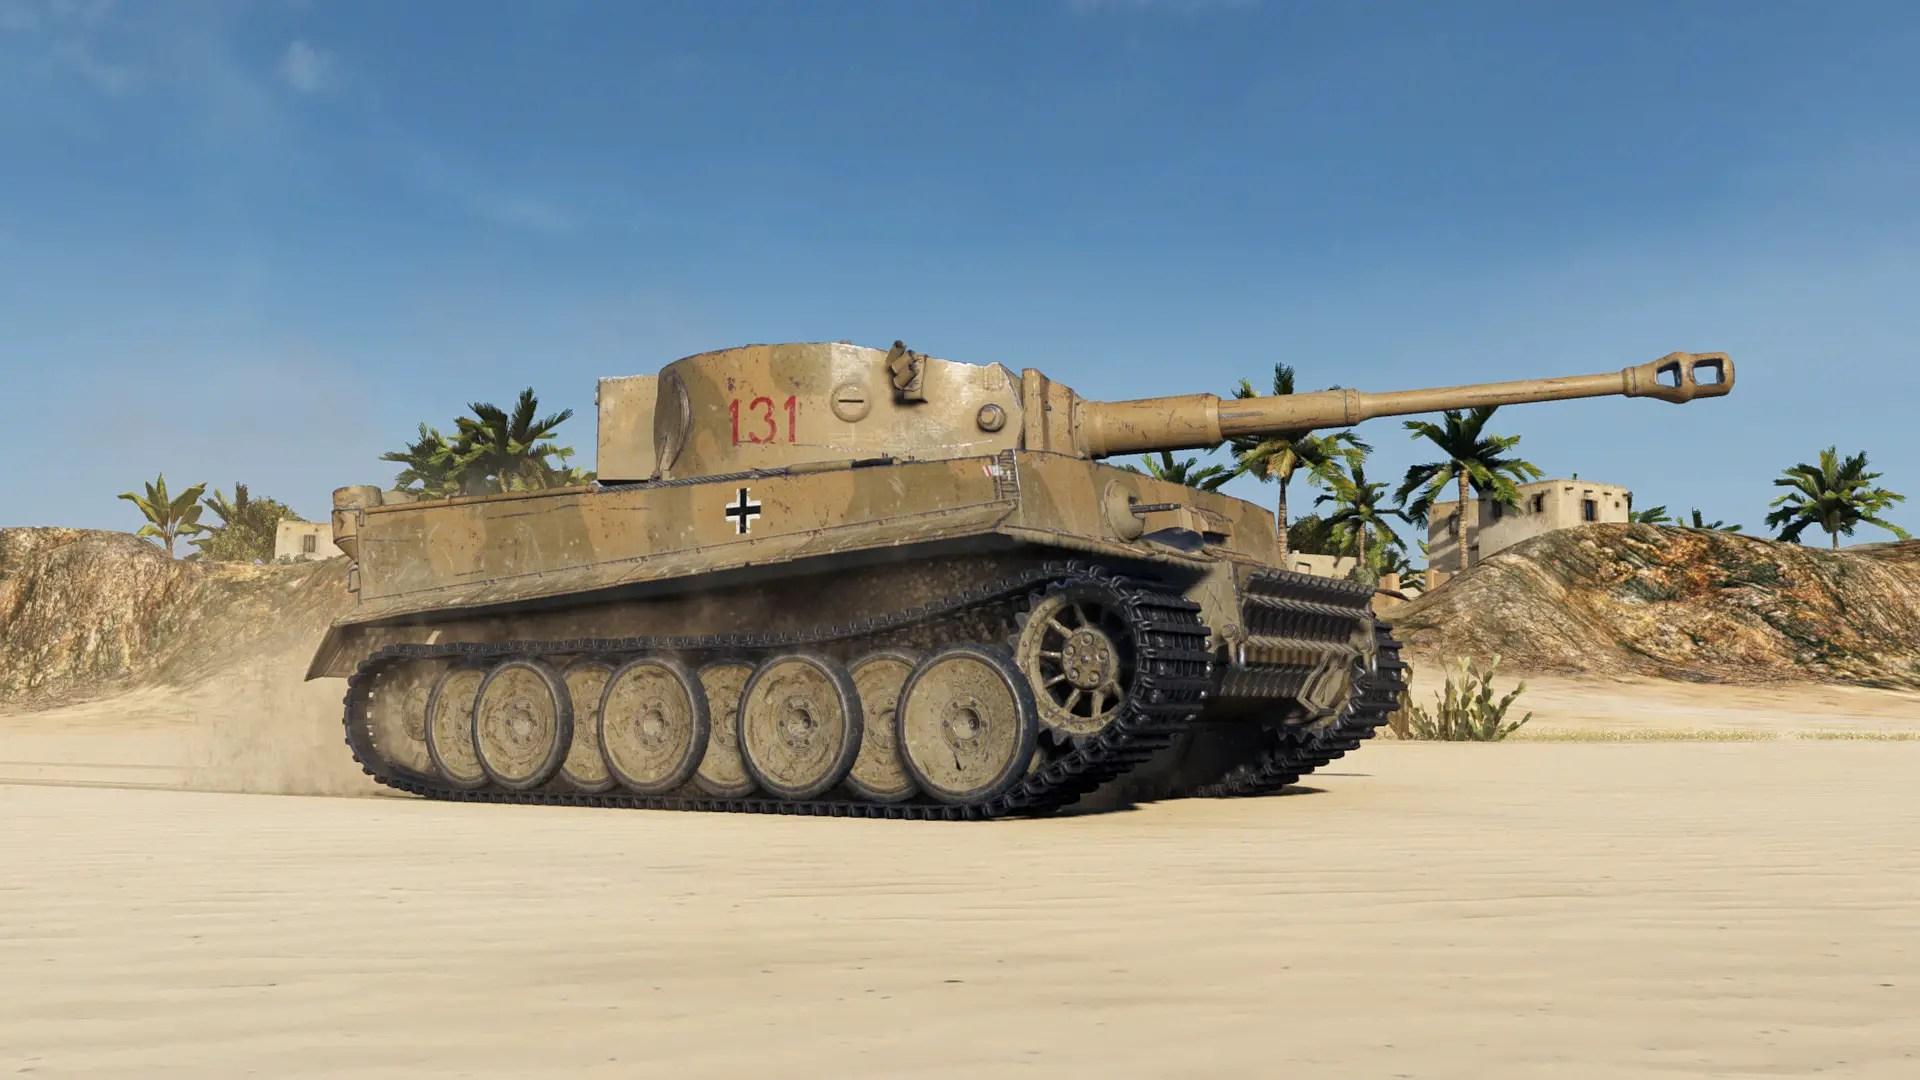 tiger 131 matchmaking